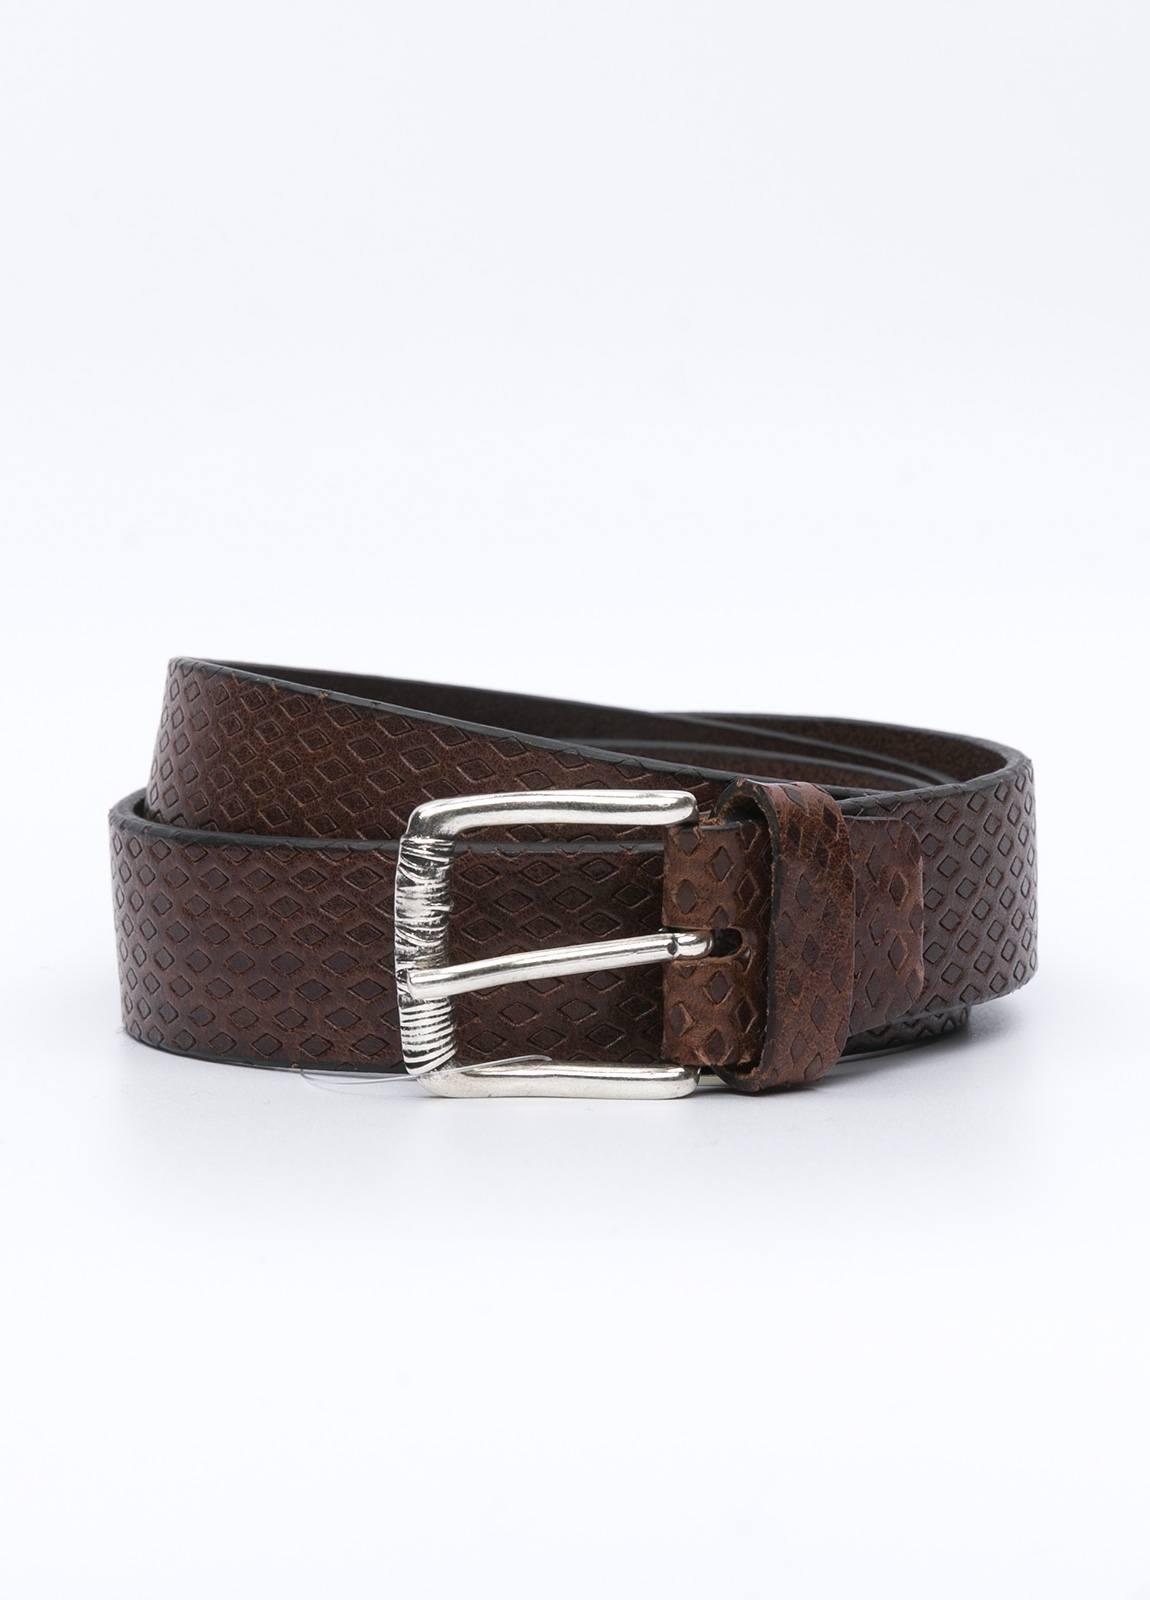 Cinturón sport ITALIAN BELTS marrón